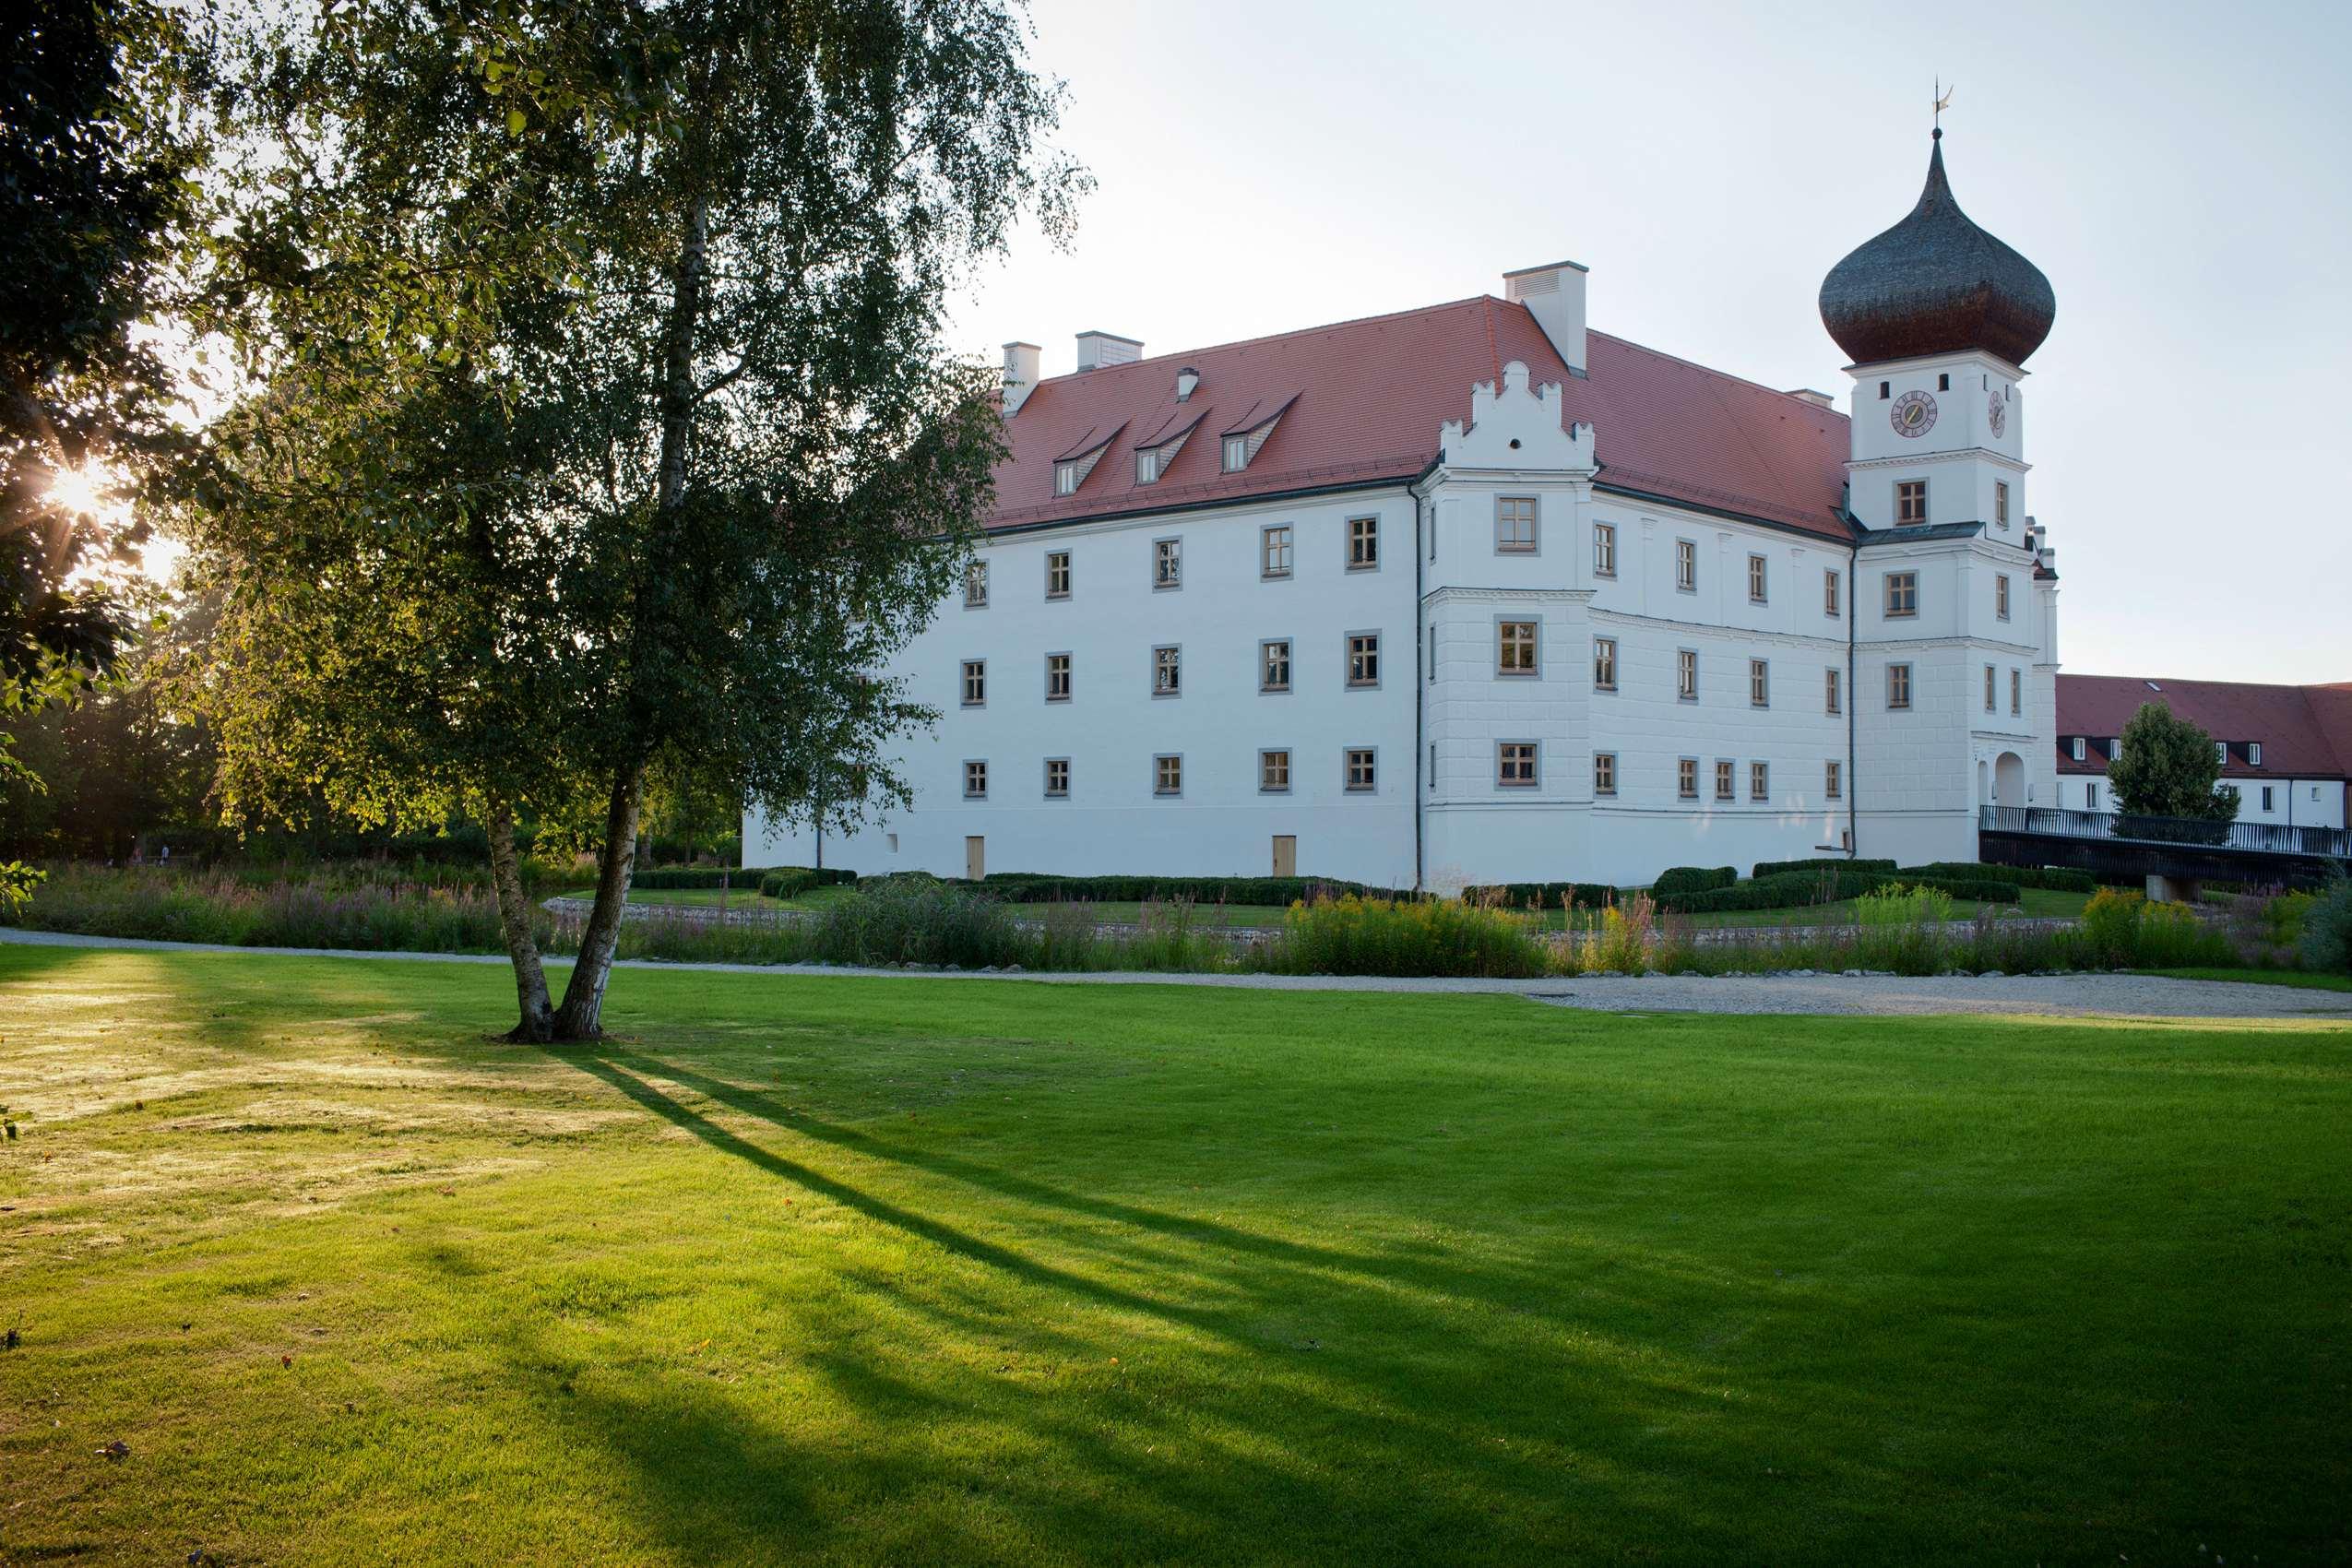 Das Schloss Hohenkammer von außen.